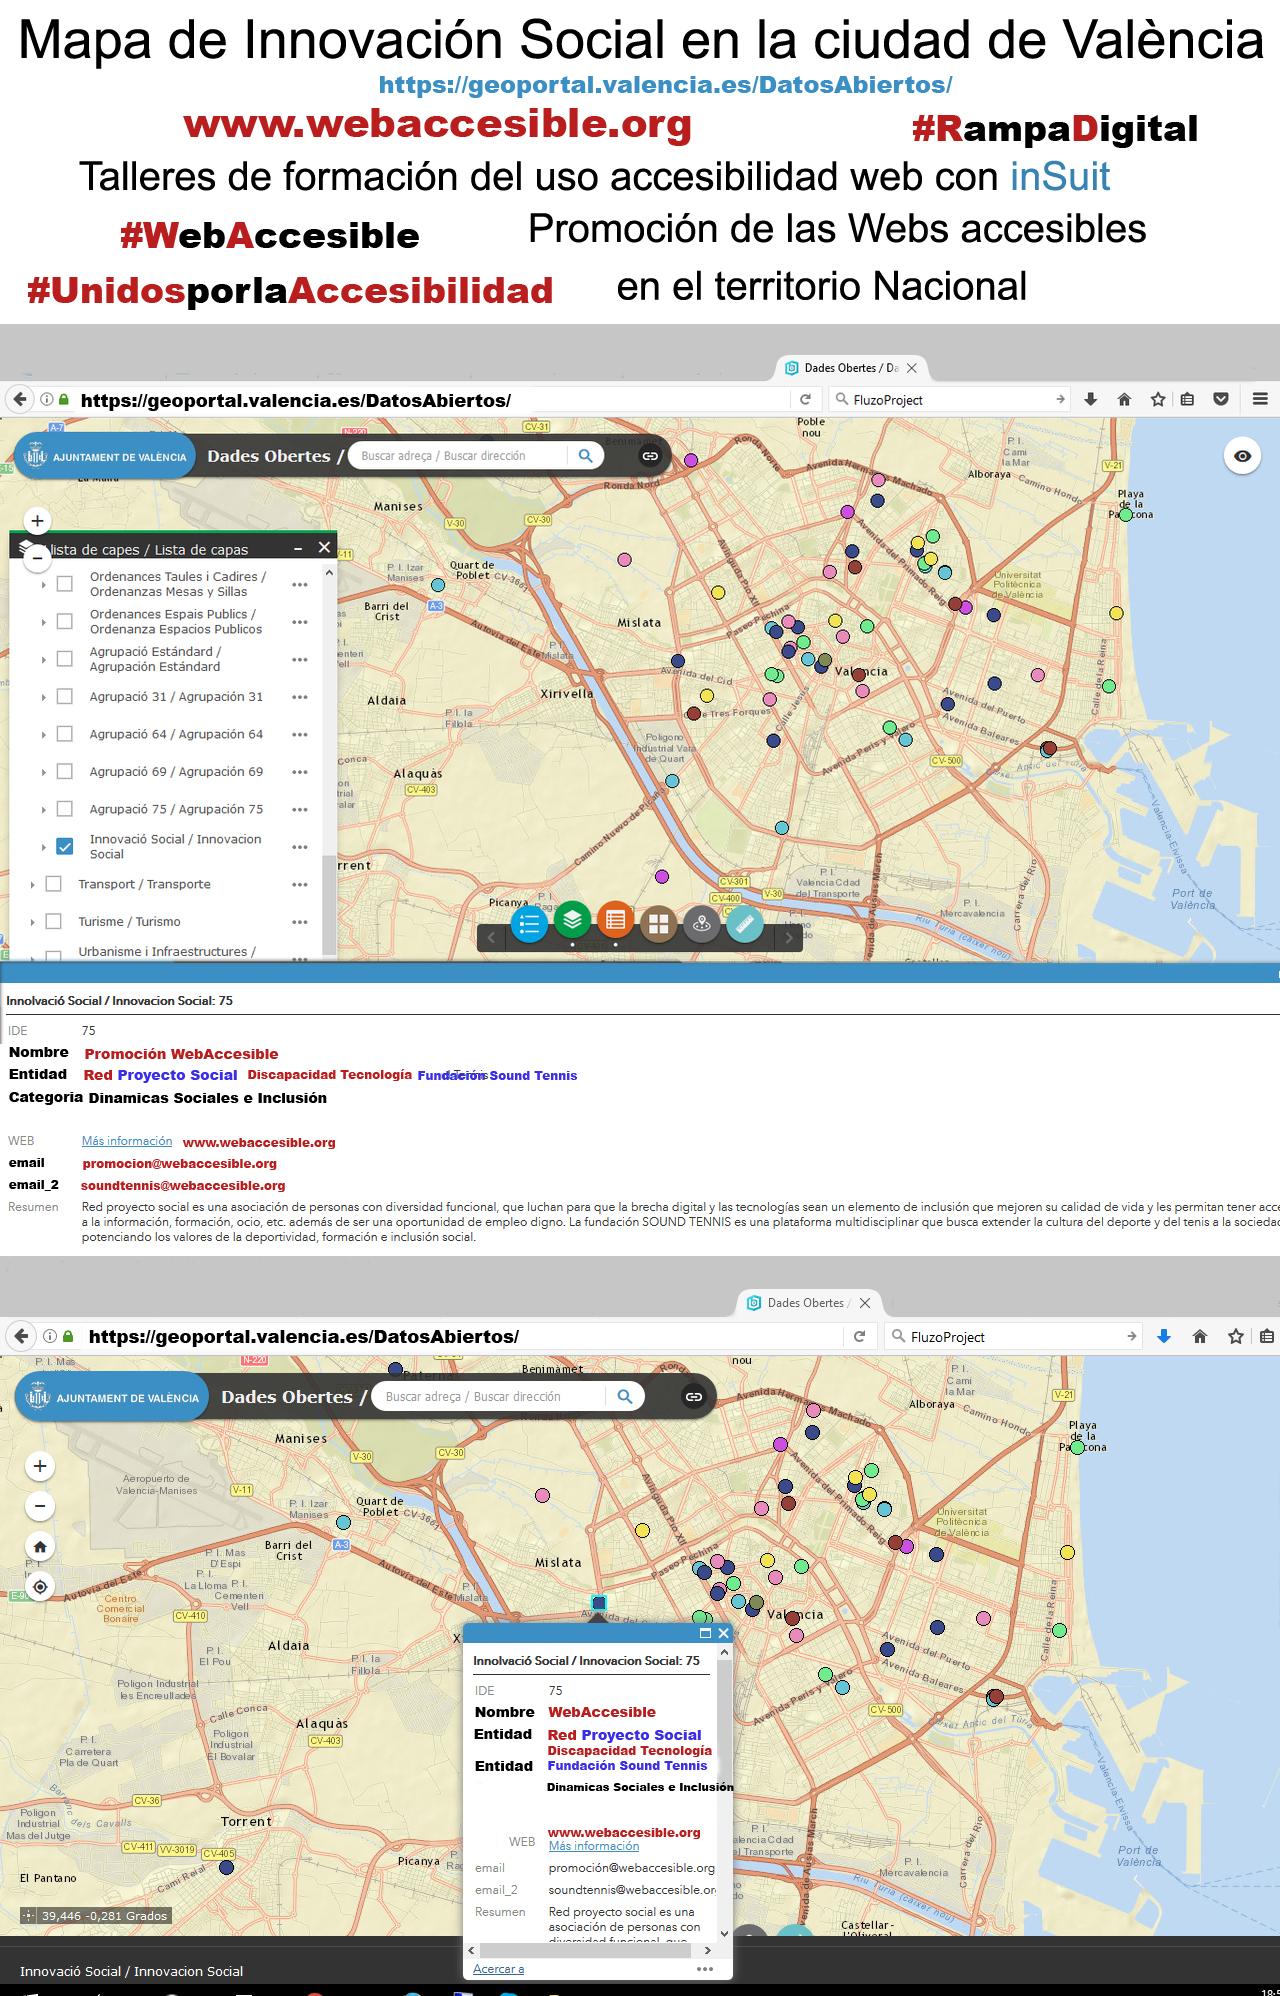 Mapa del Geoportal del Ayuntamiento de Valencia - Mapa de Innovación Social Promoción Web Accesible